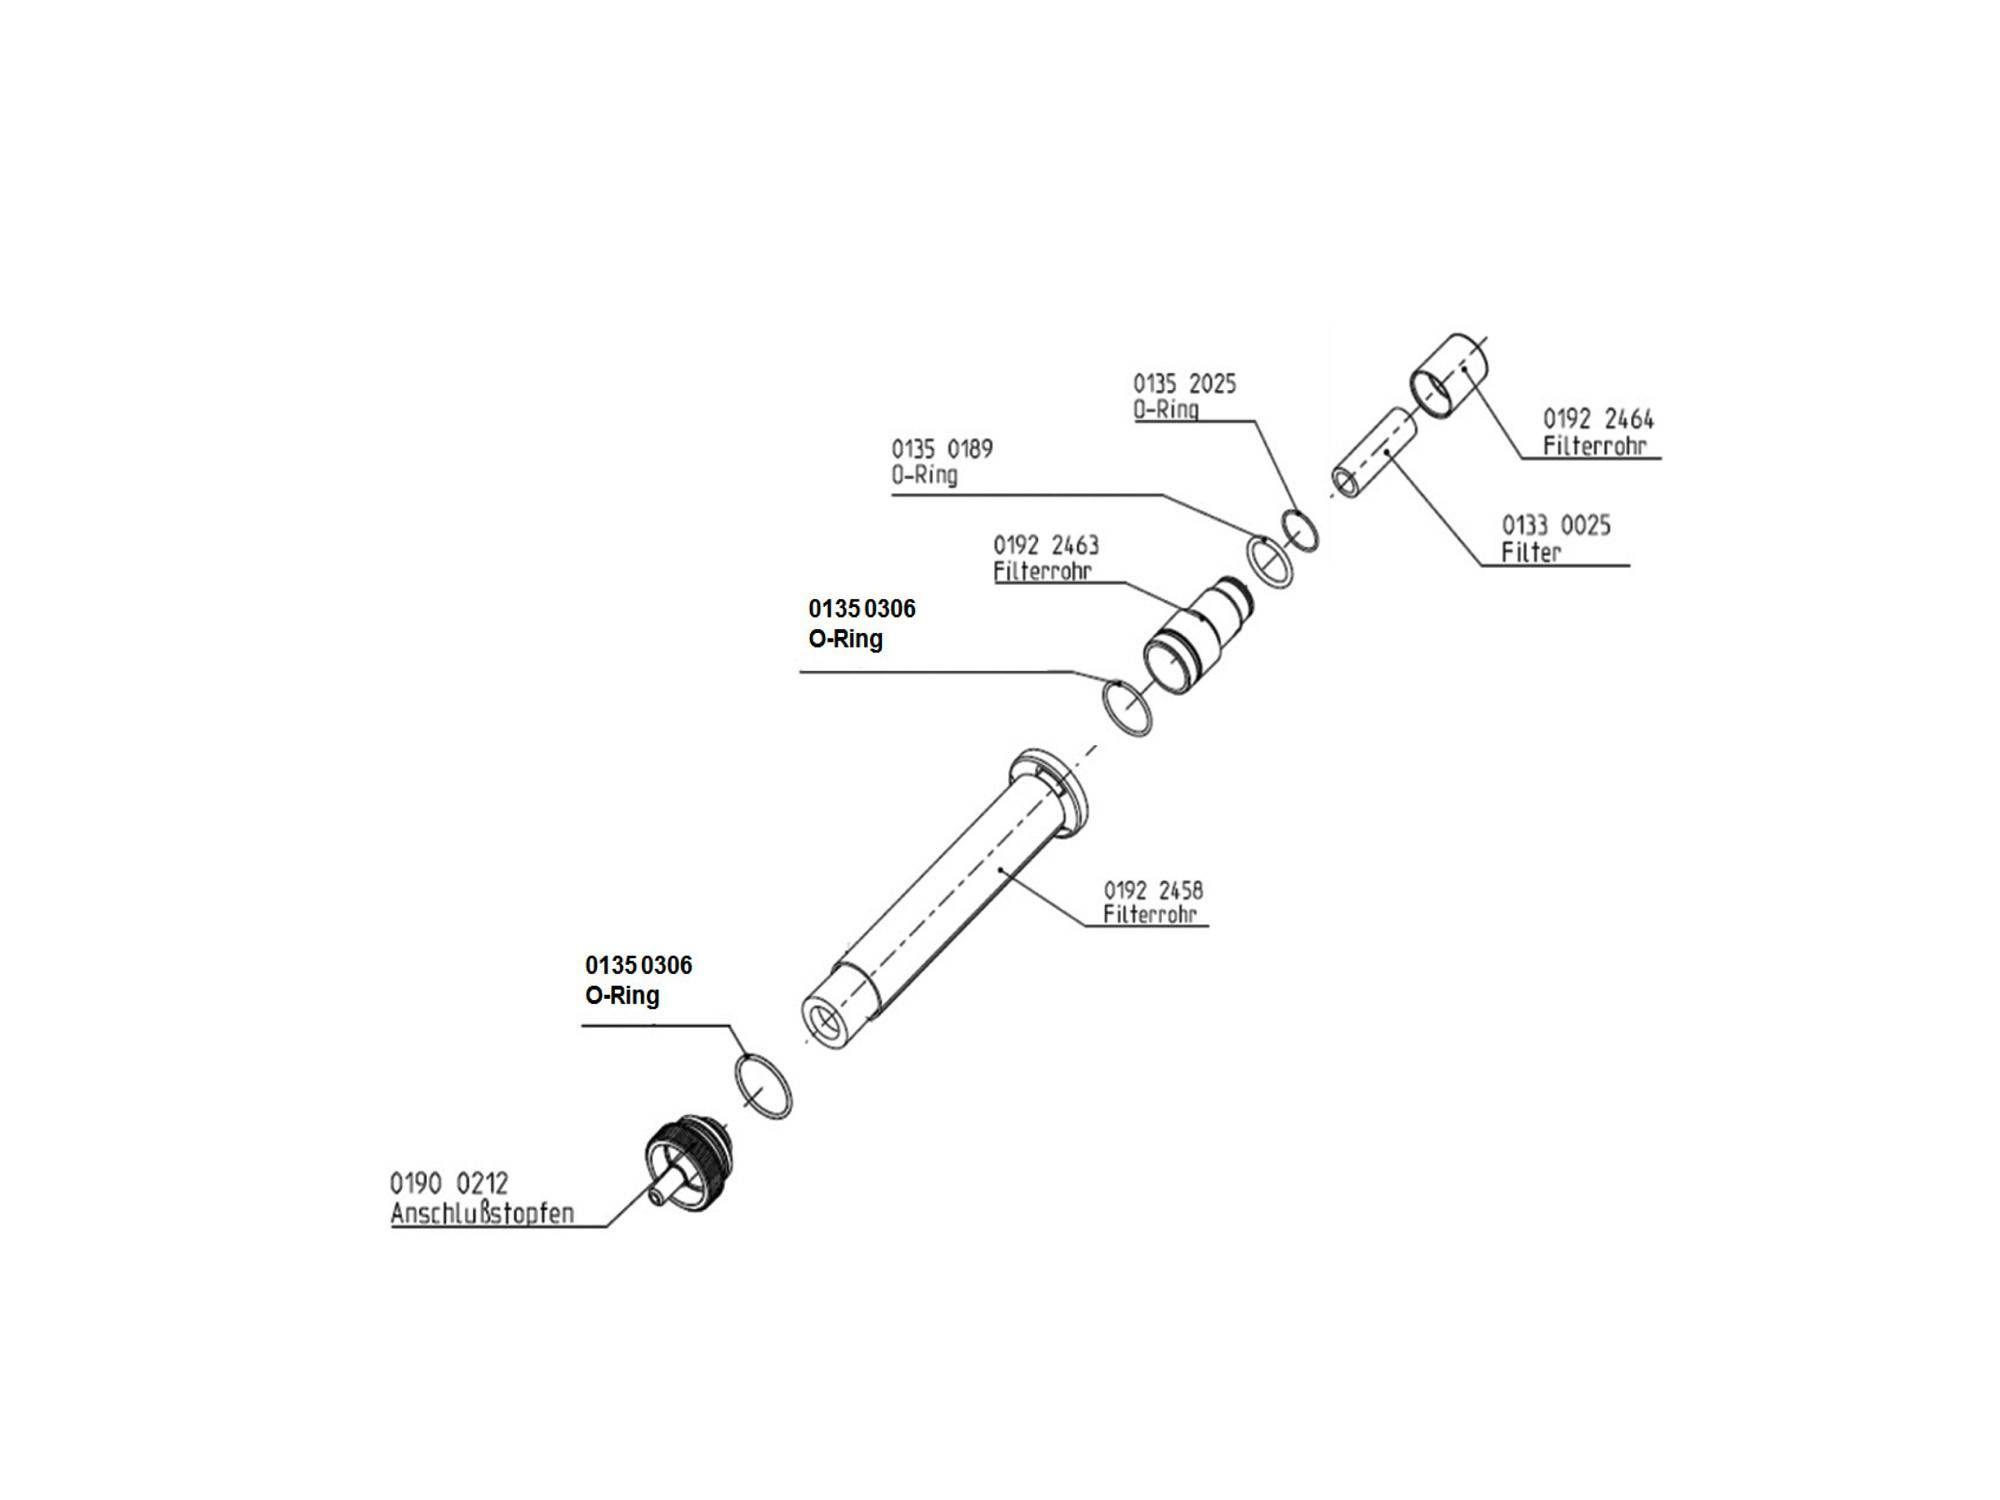 testo-380-rotationsverduenner-technische-zeichnung.jpg